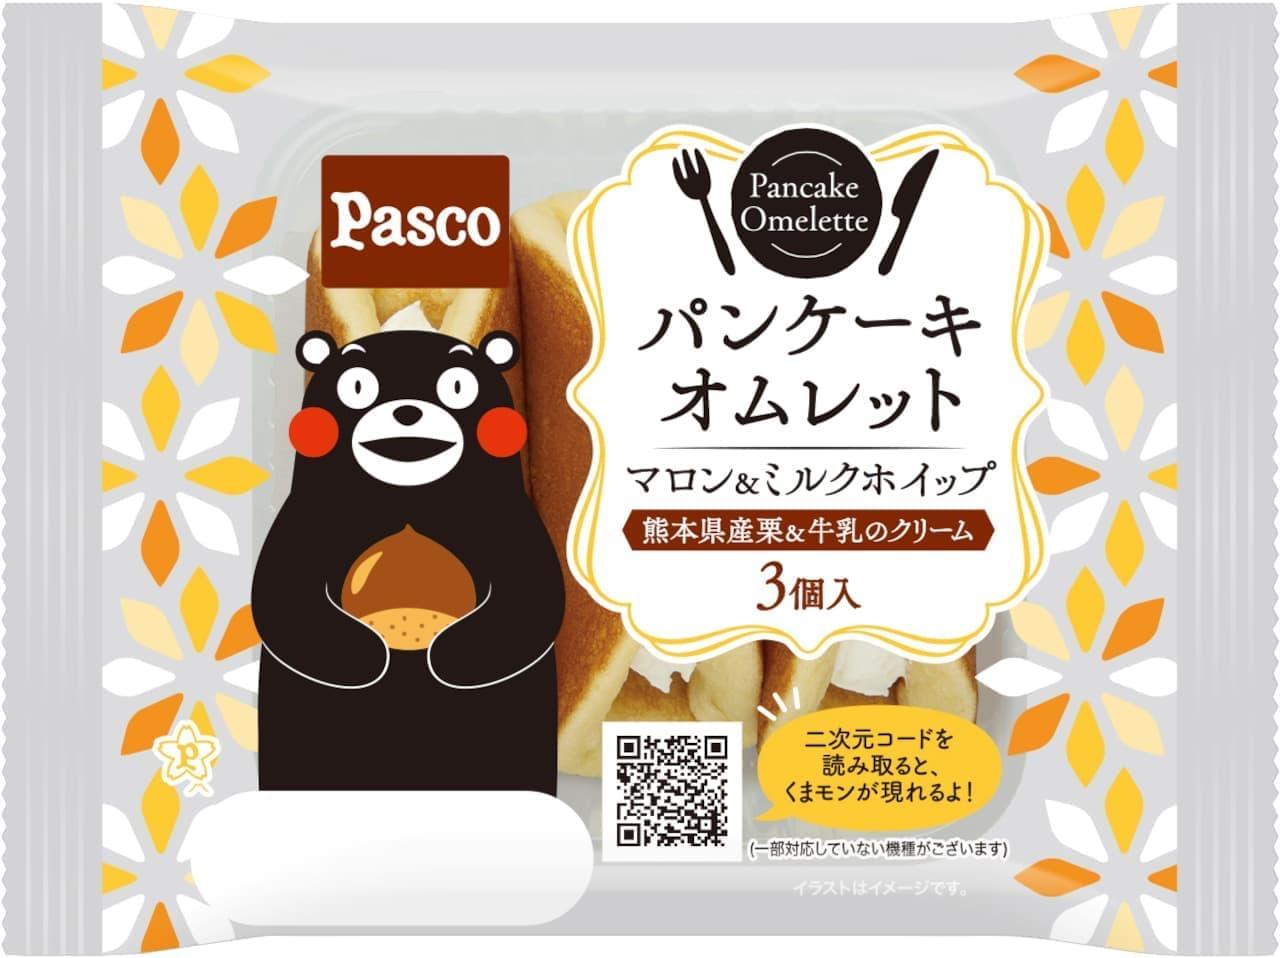 Pasco×くまモンコラボ「パンケーキオムレット マロン&ミルクホイップ 3個入」「米粉入りイングリッシュマフィン 4個入」